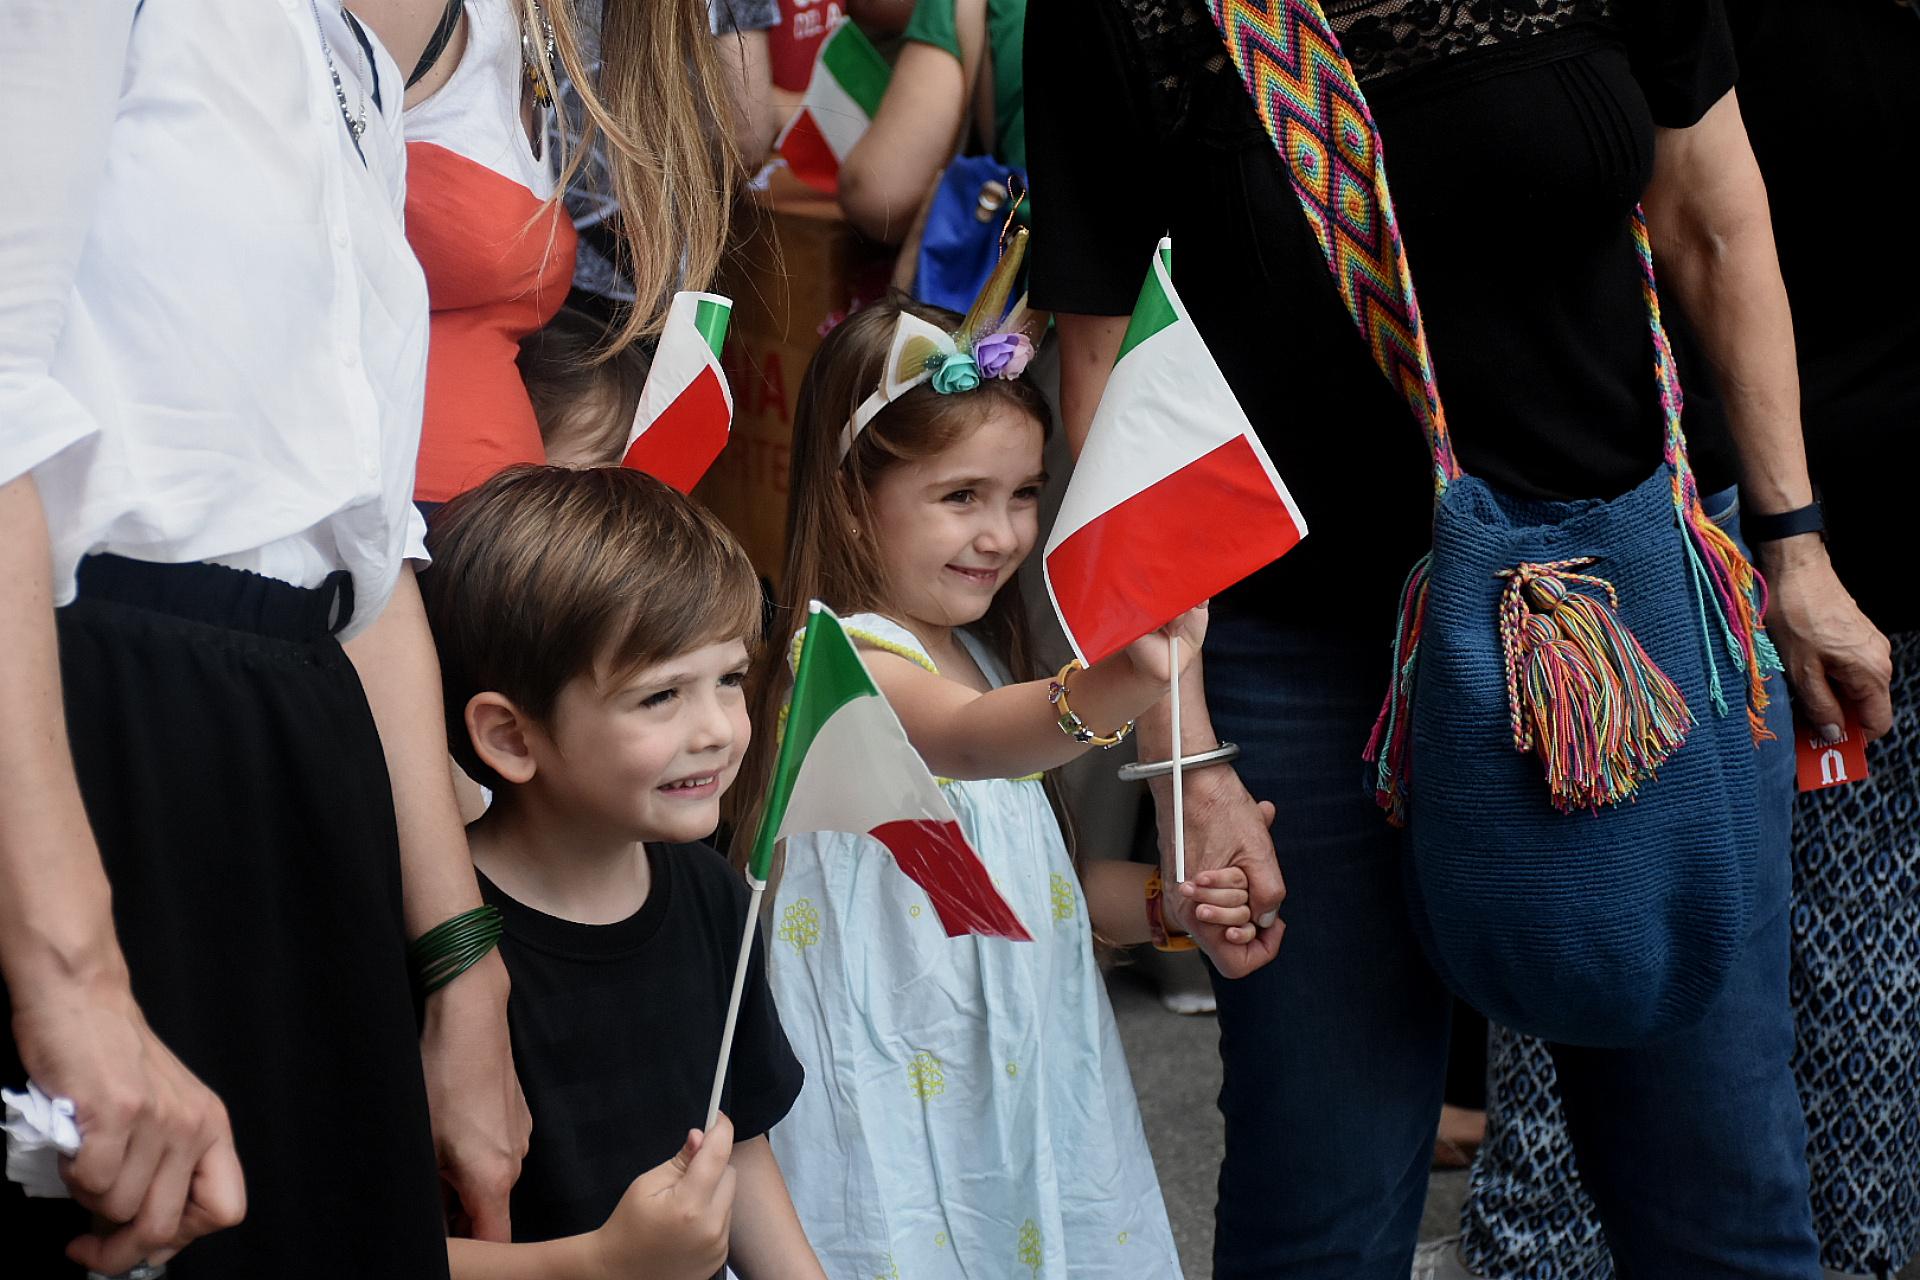 Familias, grandes y chicos participaron del Día de la Cocina Italiana en Buenos Aires en la Usina del Arte de la Boca